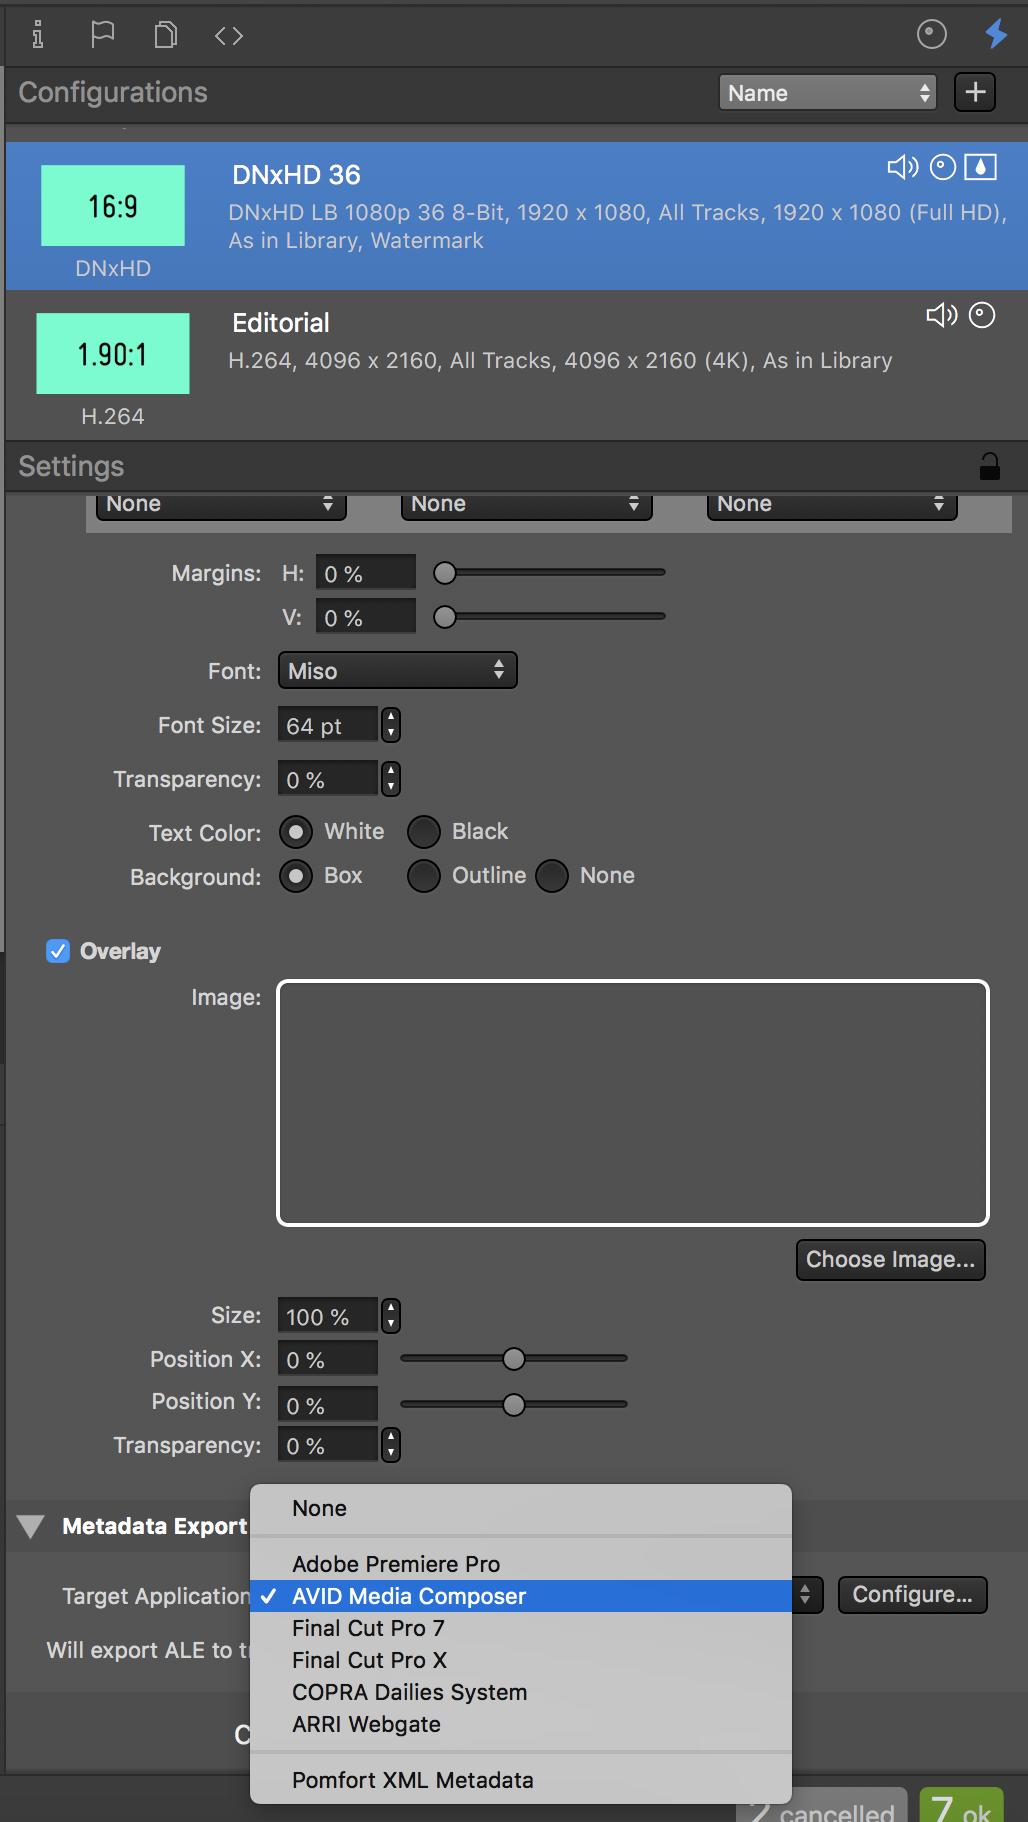 """Fig.1: Make sure that """"AVID Media Composer"""" is set as target application"""